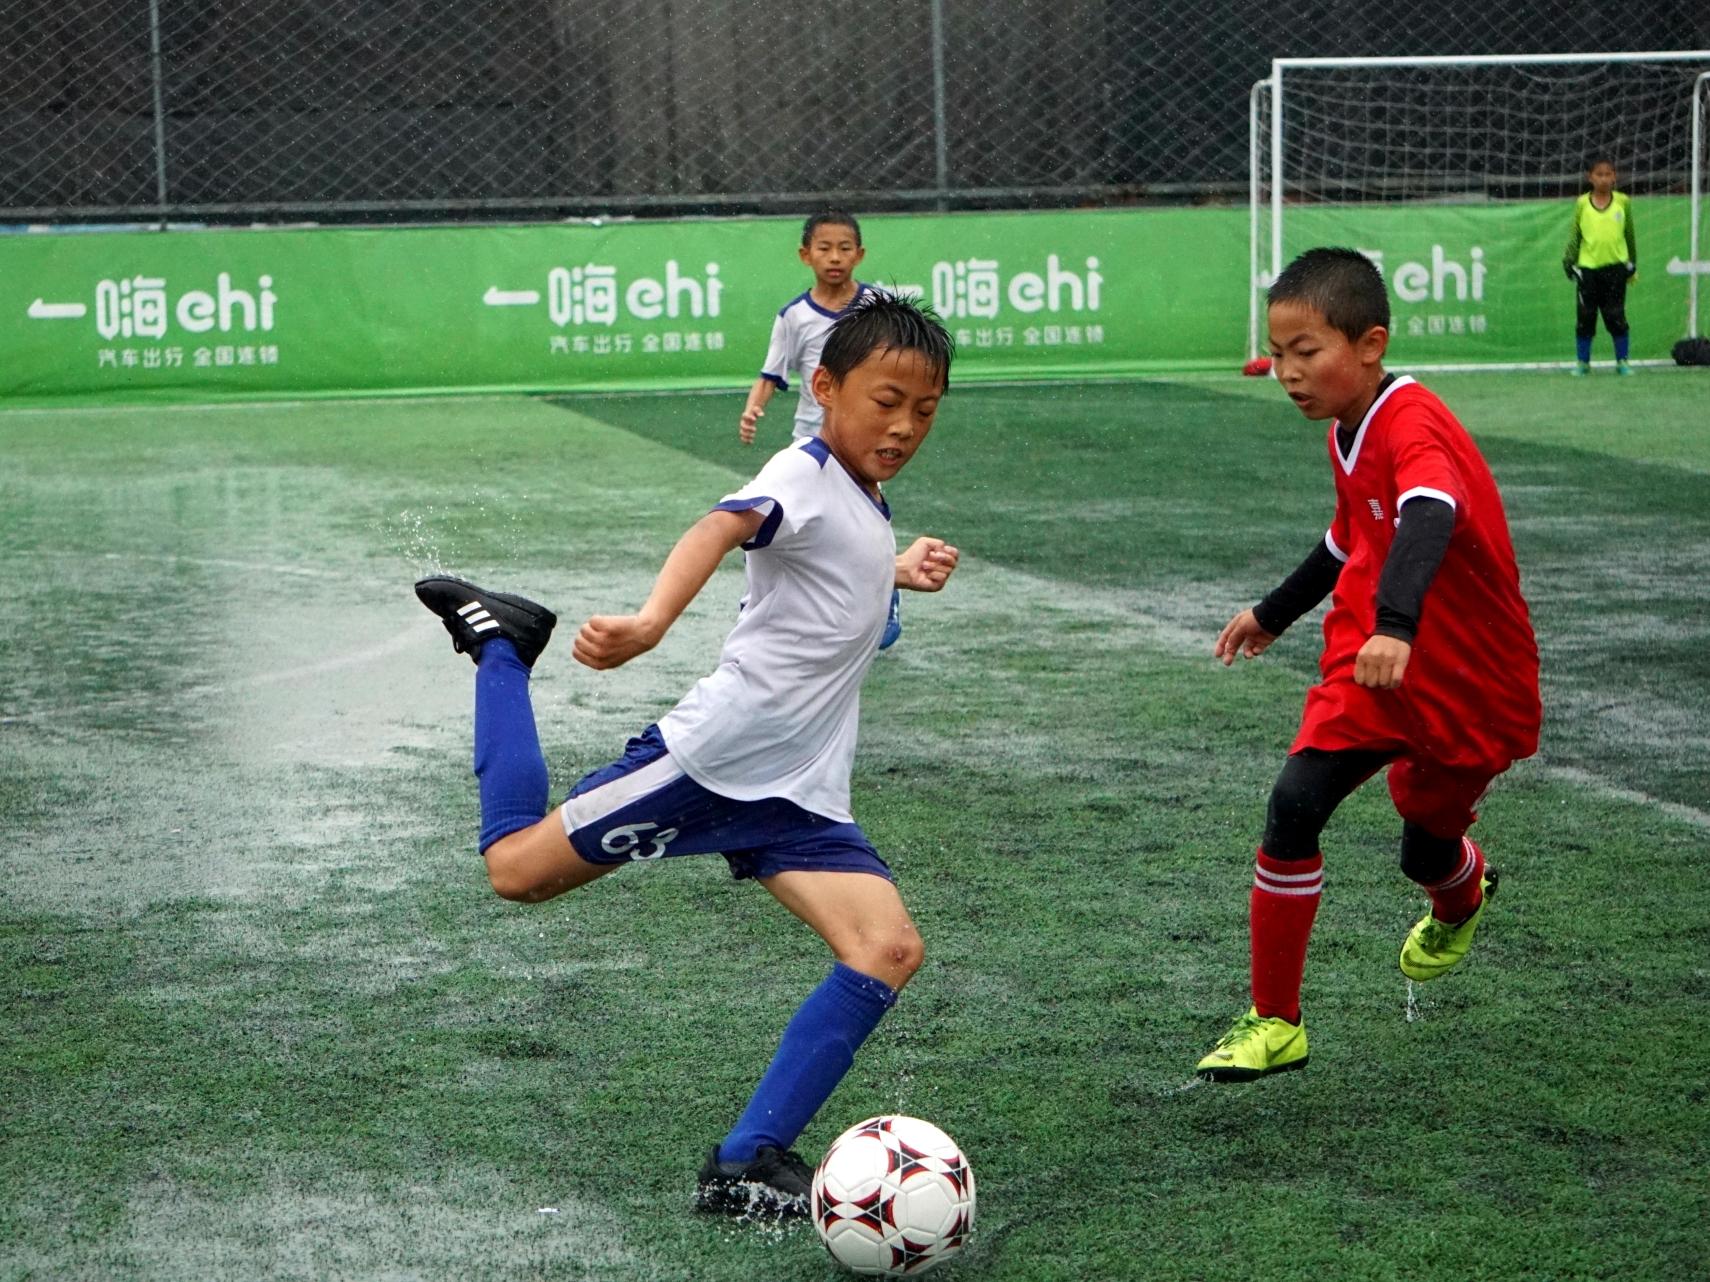 """风雨有足 2019年上海市青少年体育俱乐部联赛""""荣耀杯""""足球比赛拉开帷幕"""